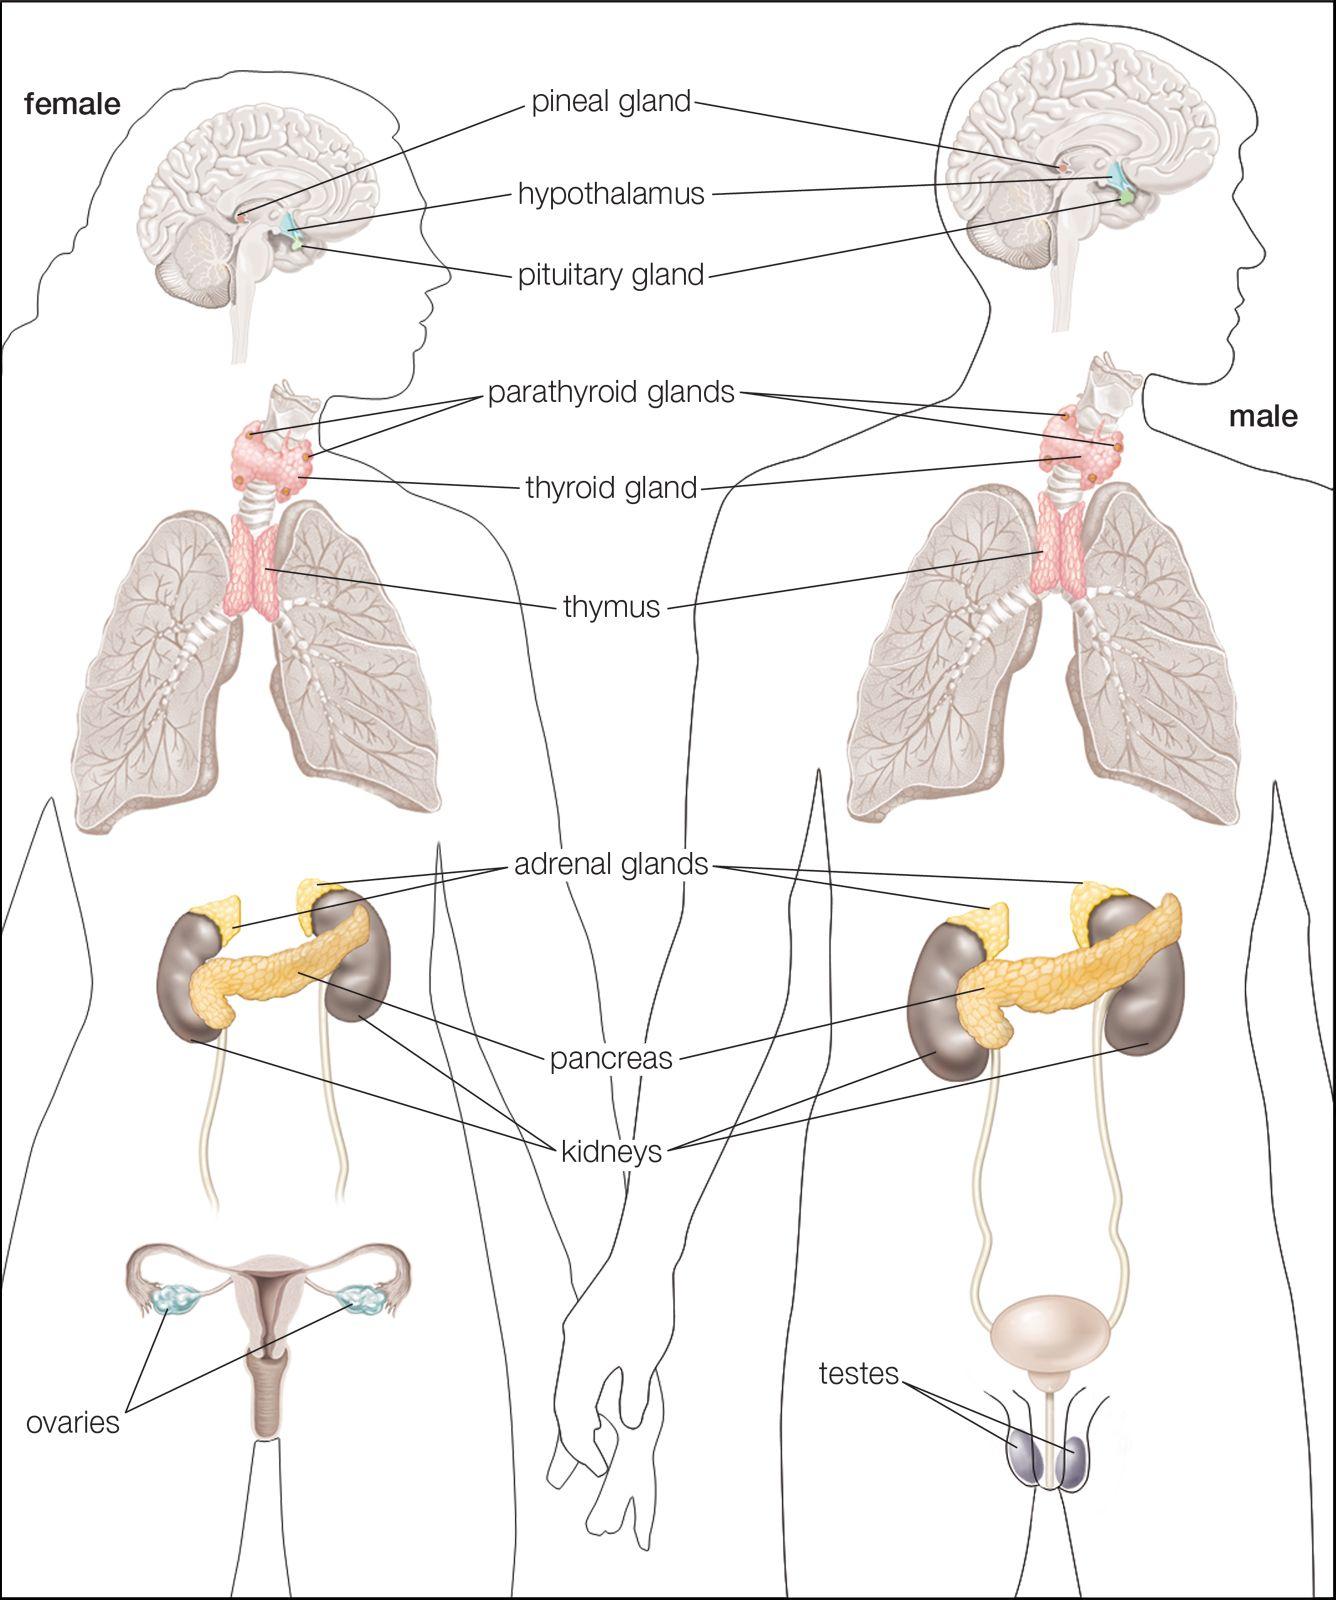 Endocrine System Reading Level 2 Comprehension Worksheet